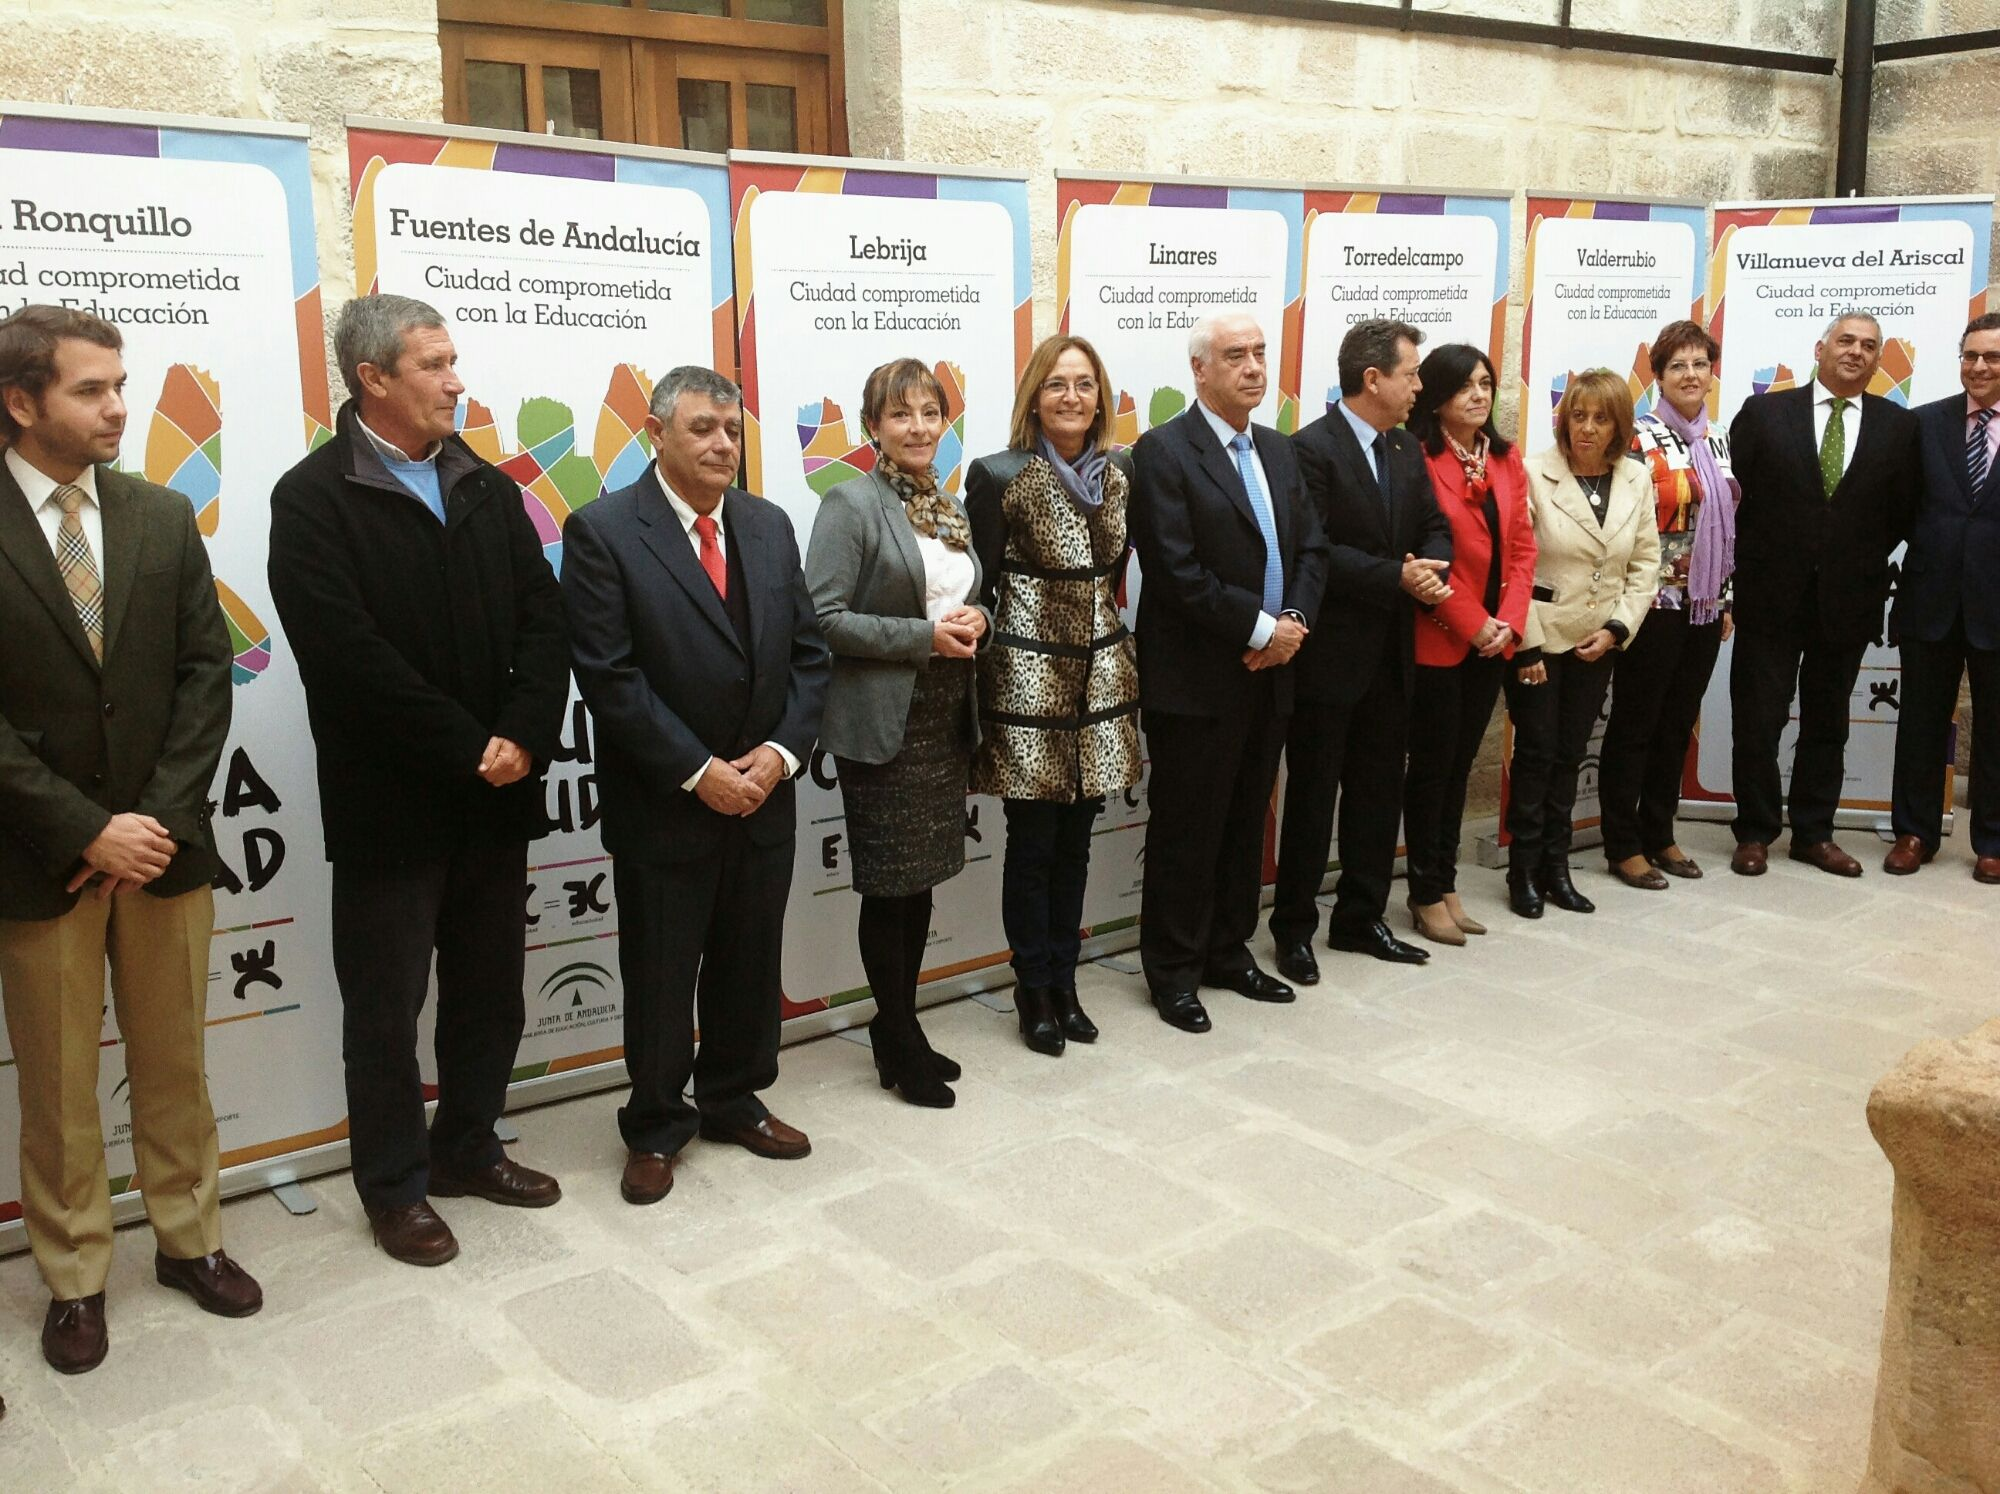 Linares recibe el premio EducaCiudad